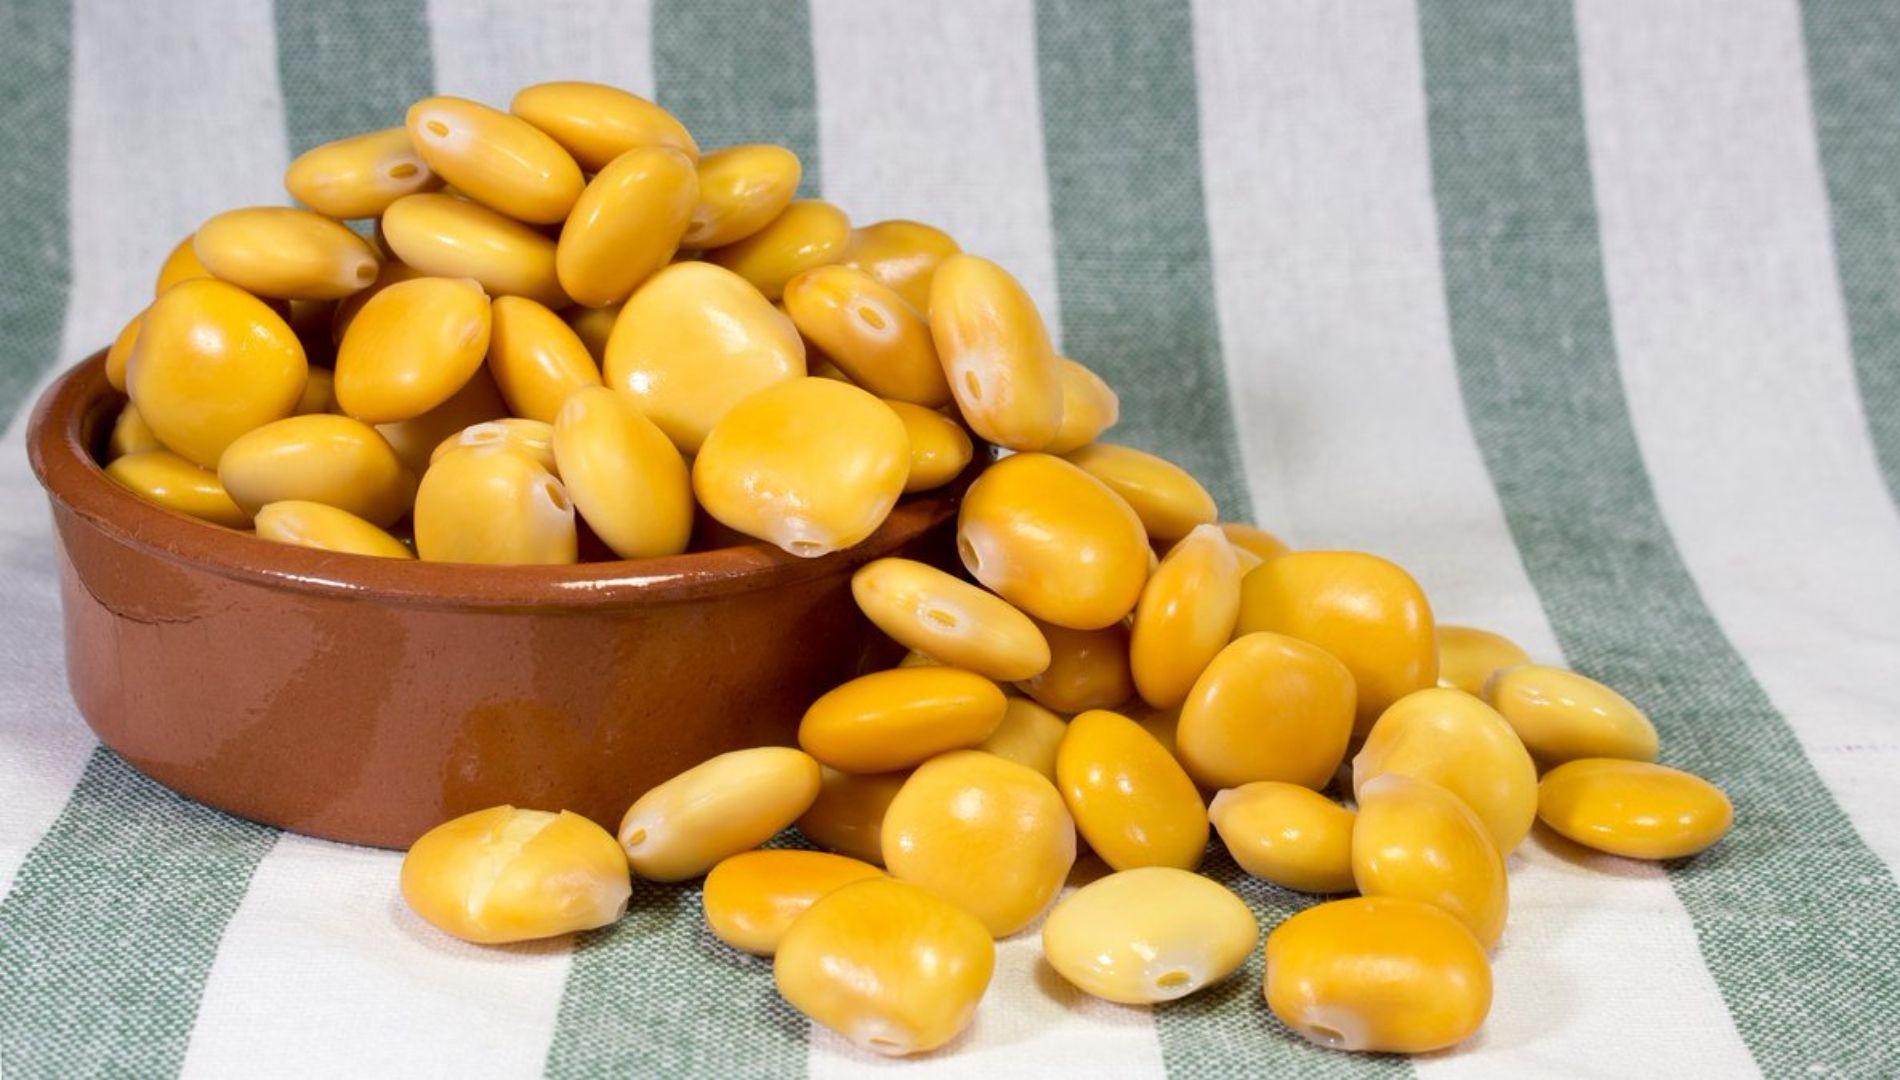 فوائد الترمس للمرأة الحامل وقيمته الغذائية Plant Based Vegan Diet Plant Based Nutrition Eat